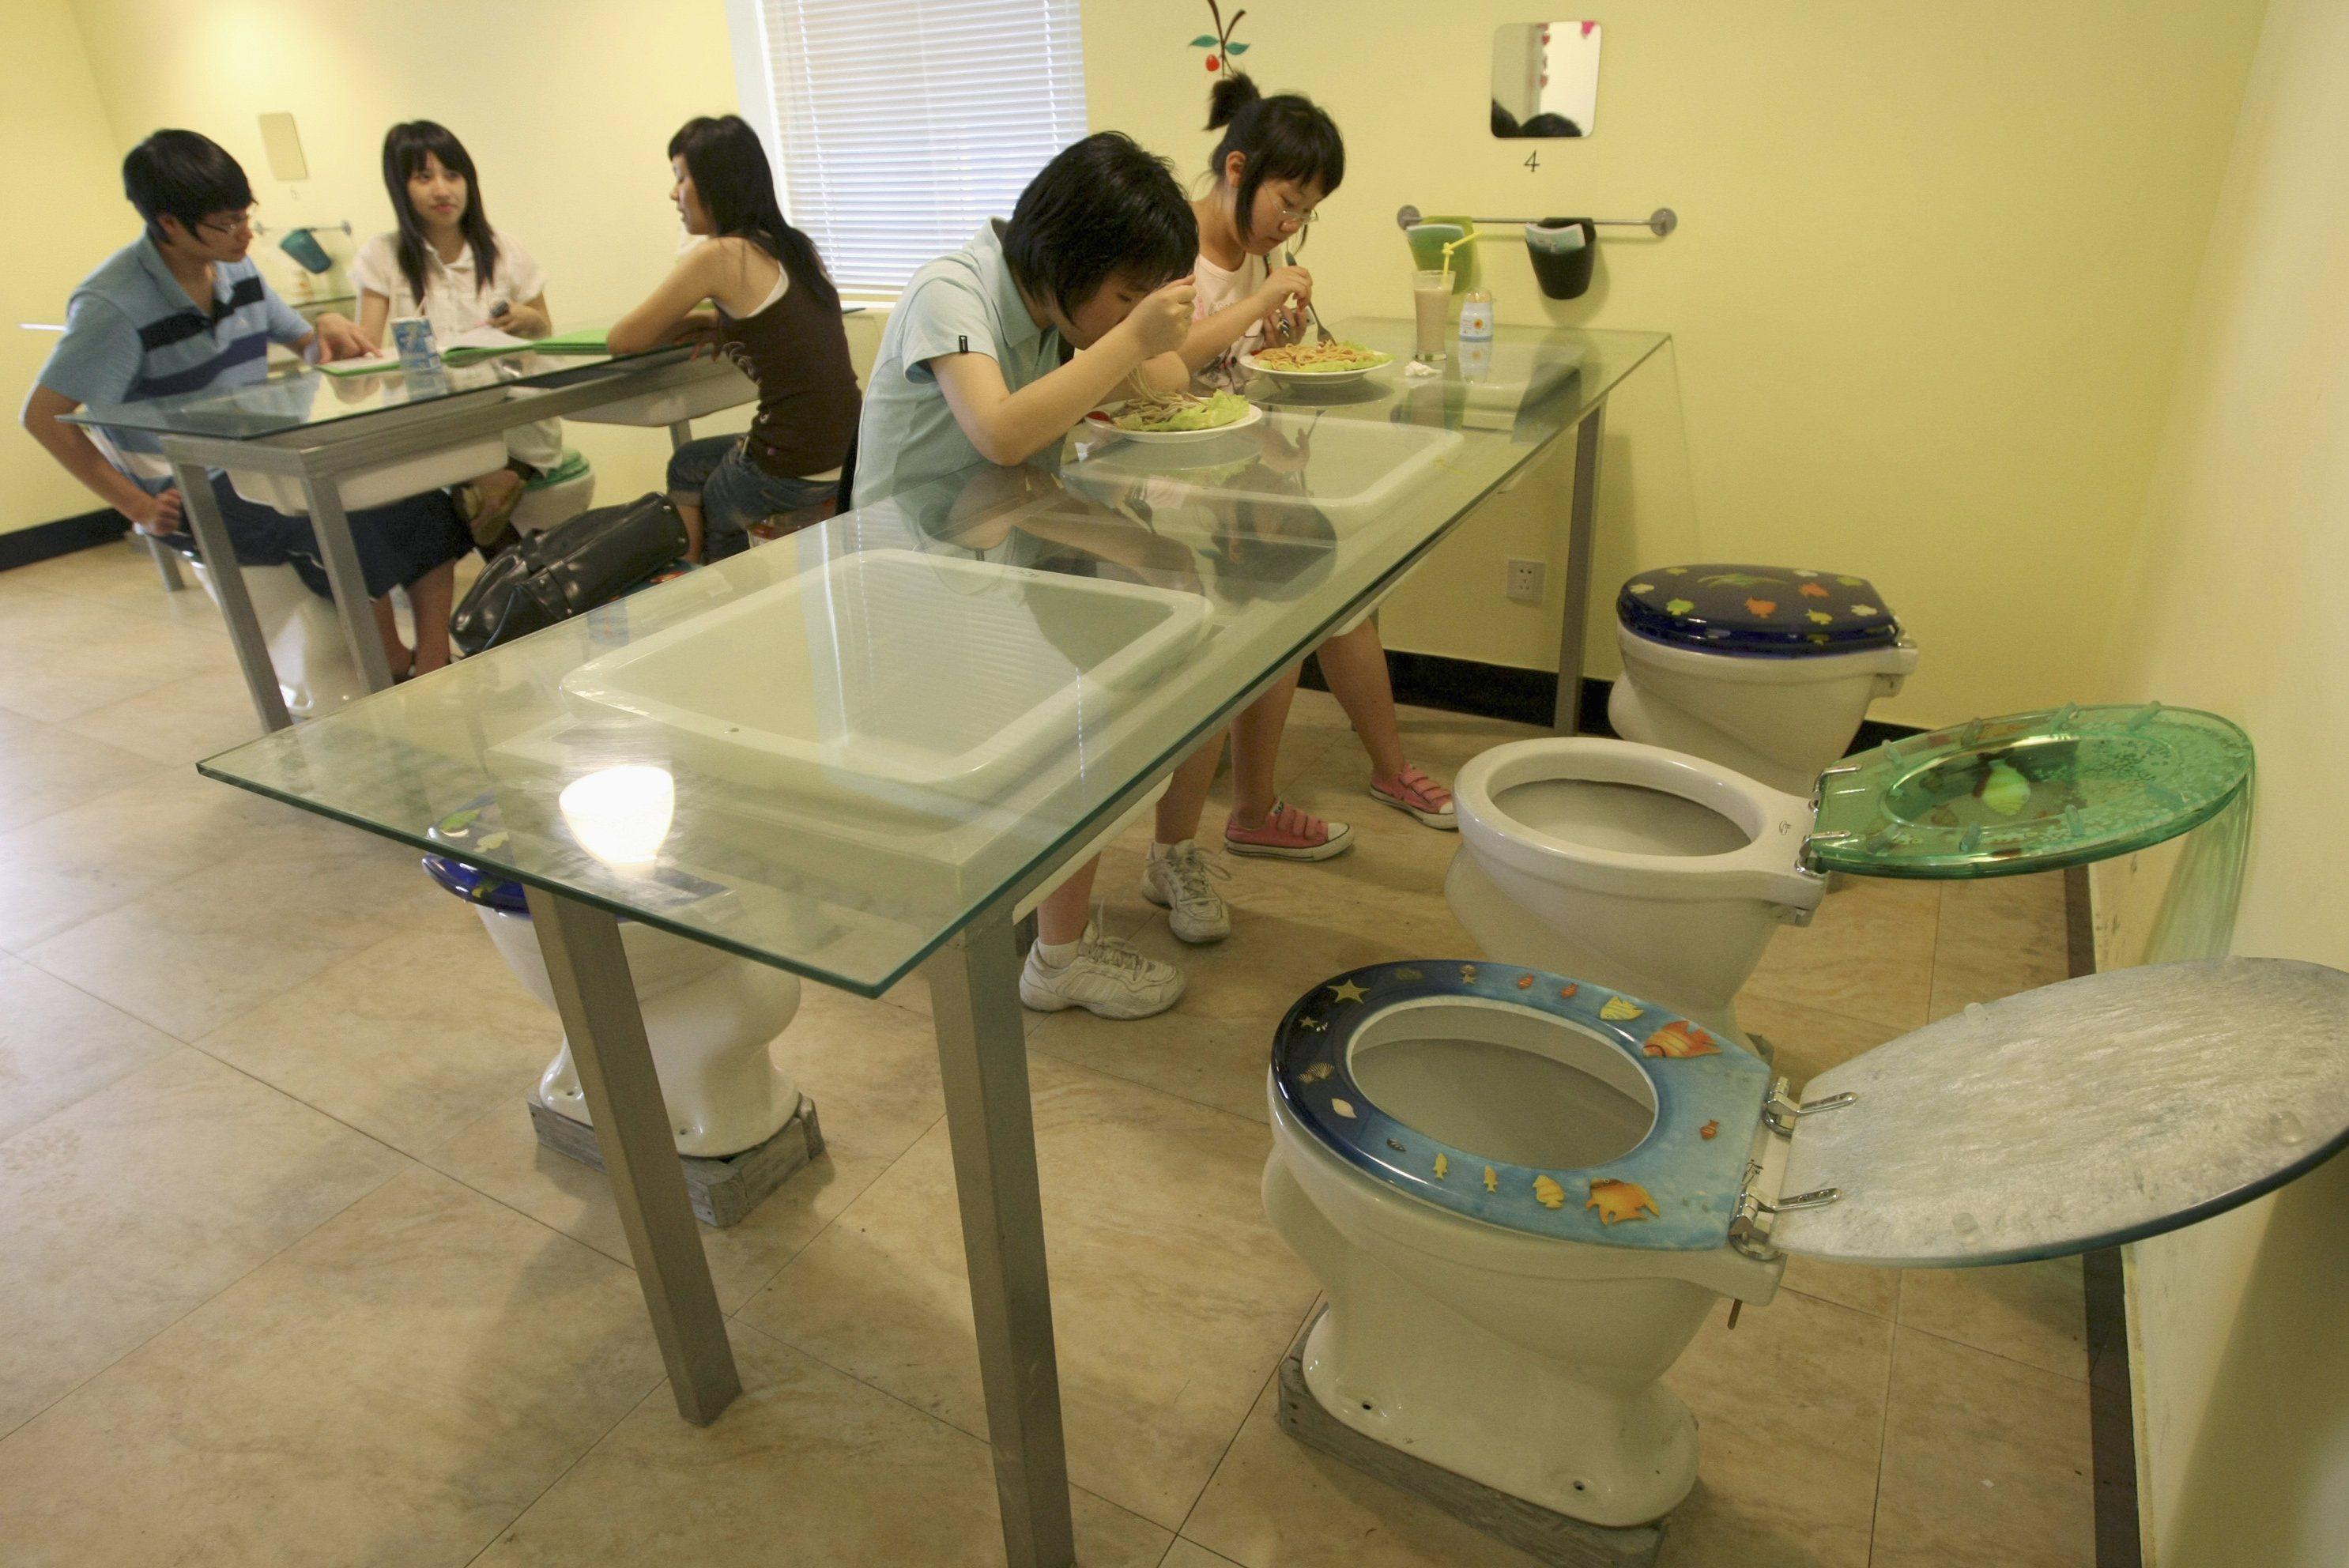 Японок пугают в туалете 15 фотография